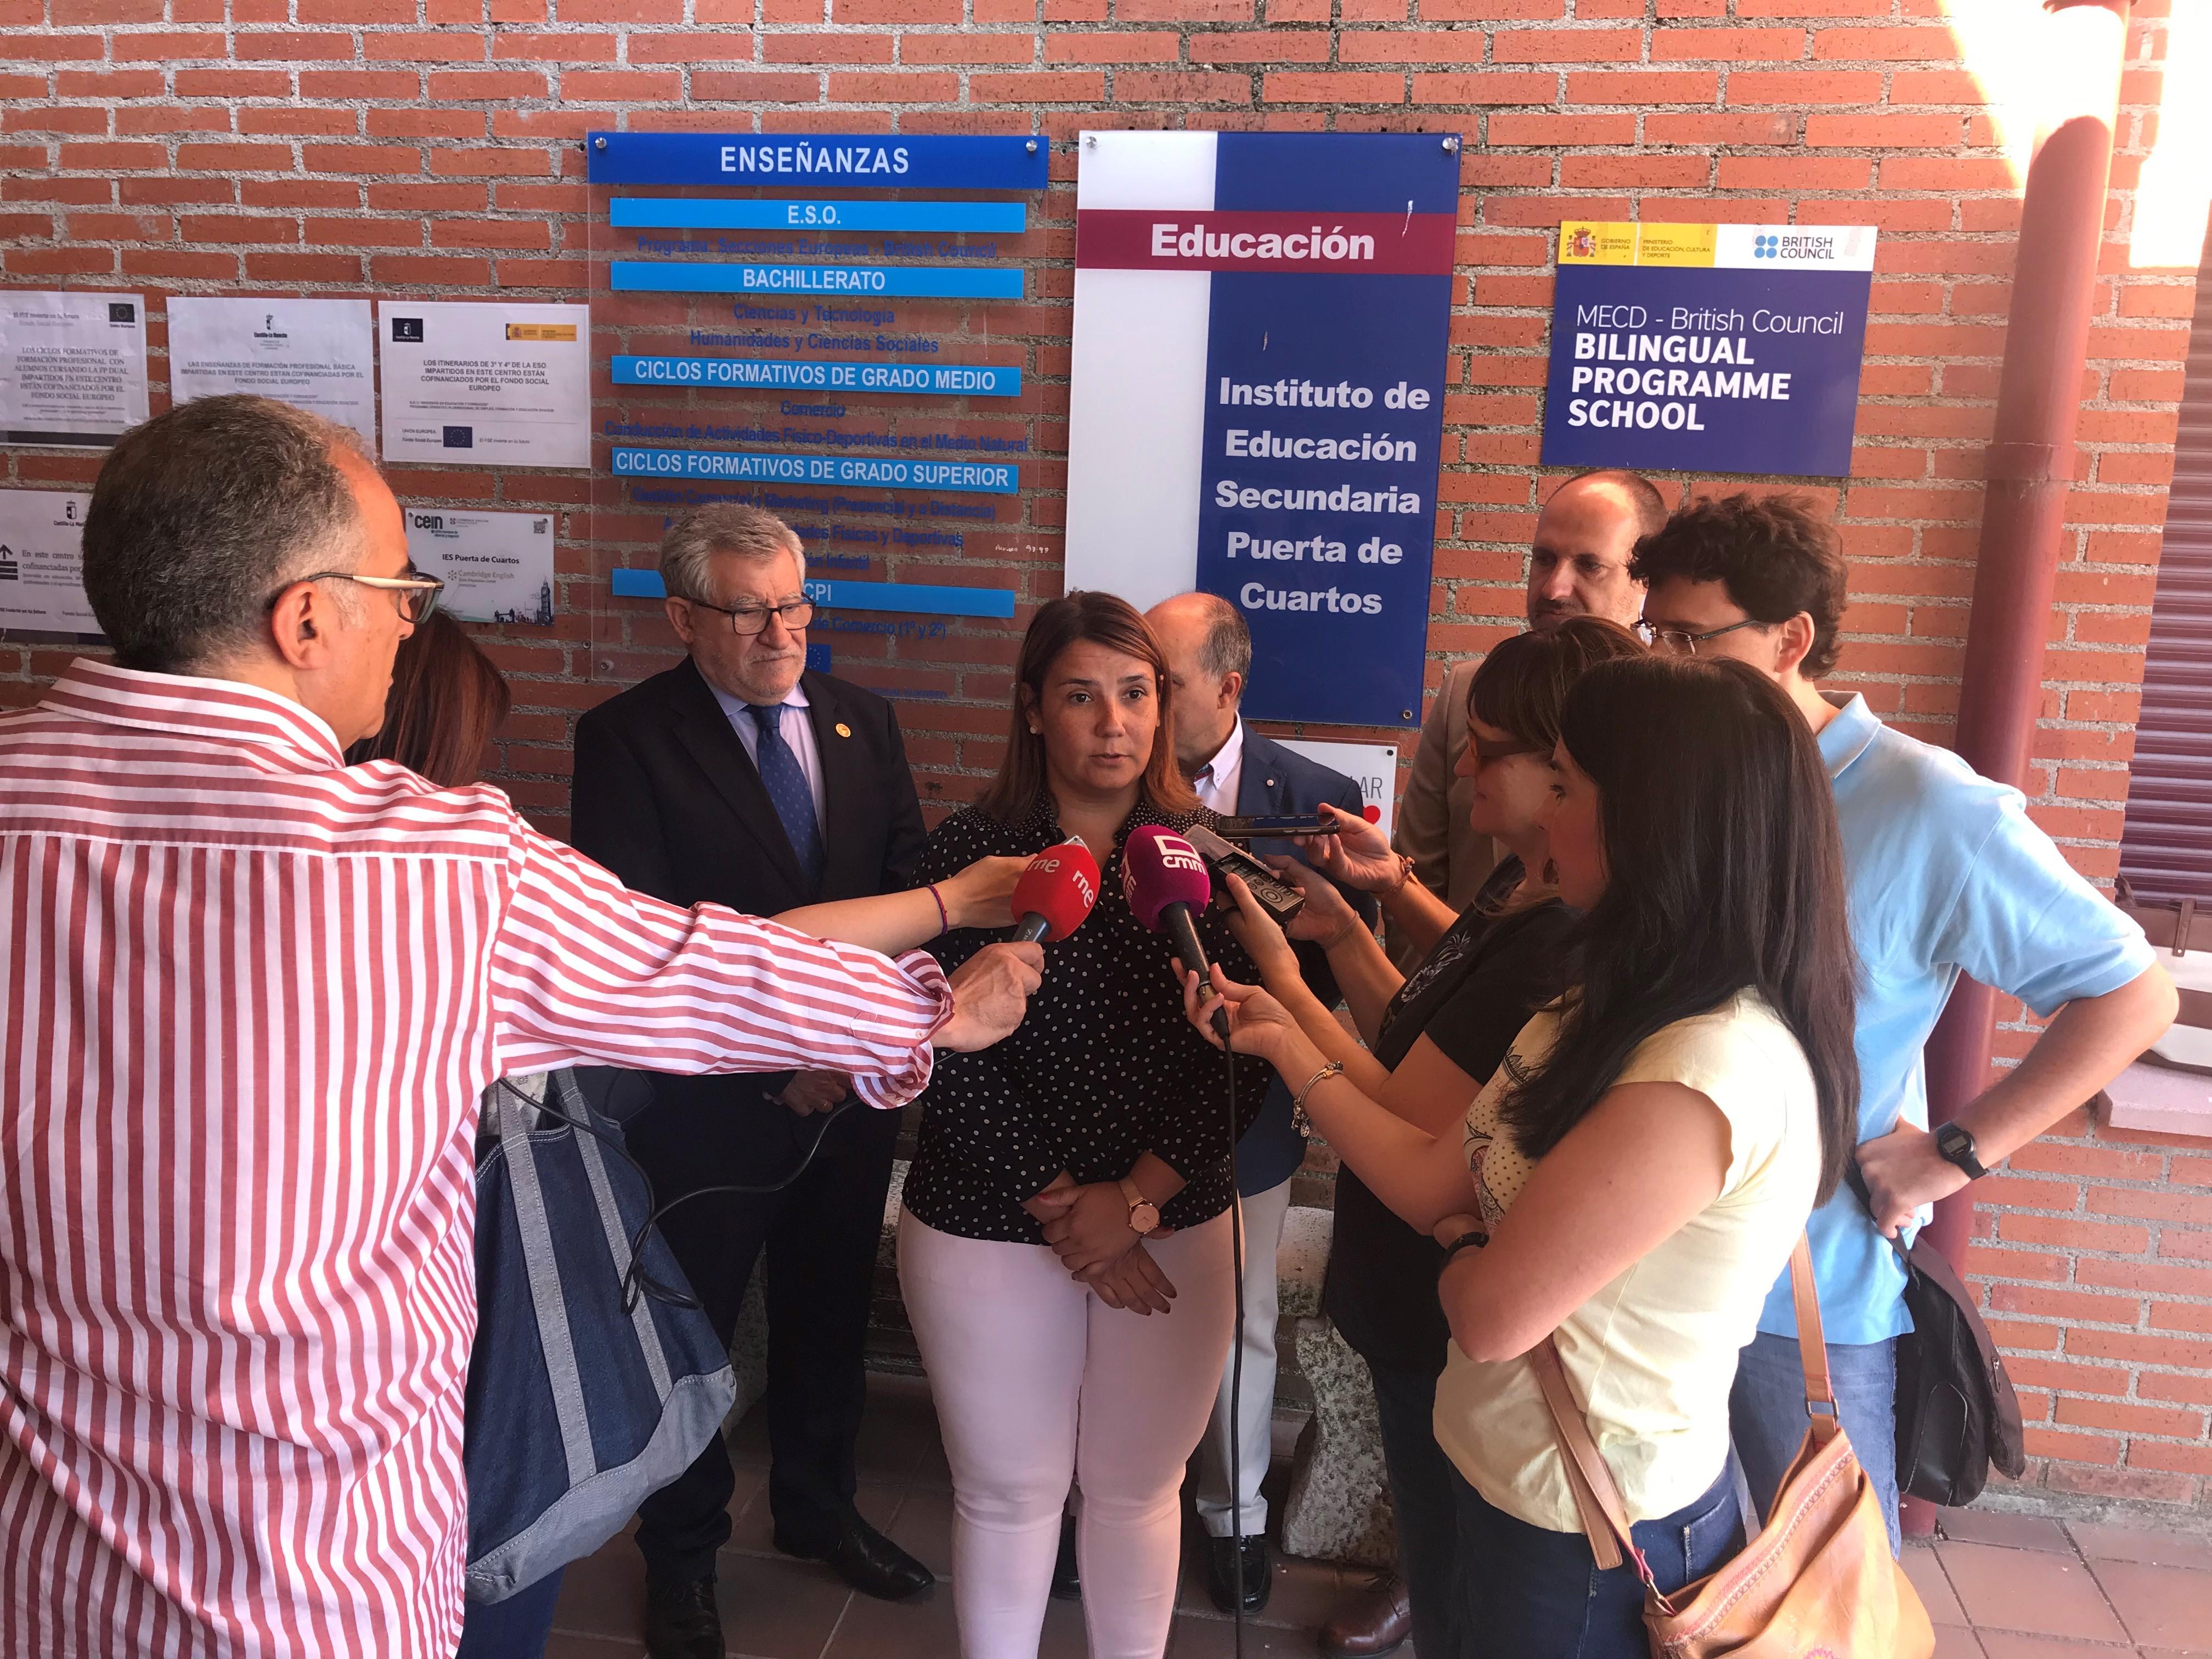 El Gobierno regional asegura que seguirá defendiendo los intereses de Castilla-La Mancha en materia hídrica por encima de los intereses económicos de otras regiones